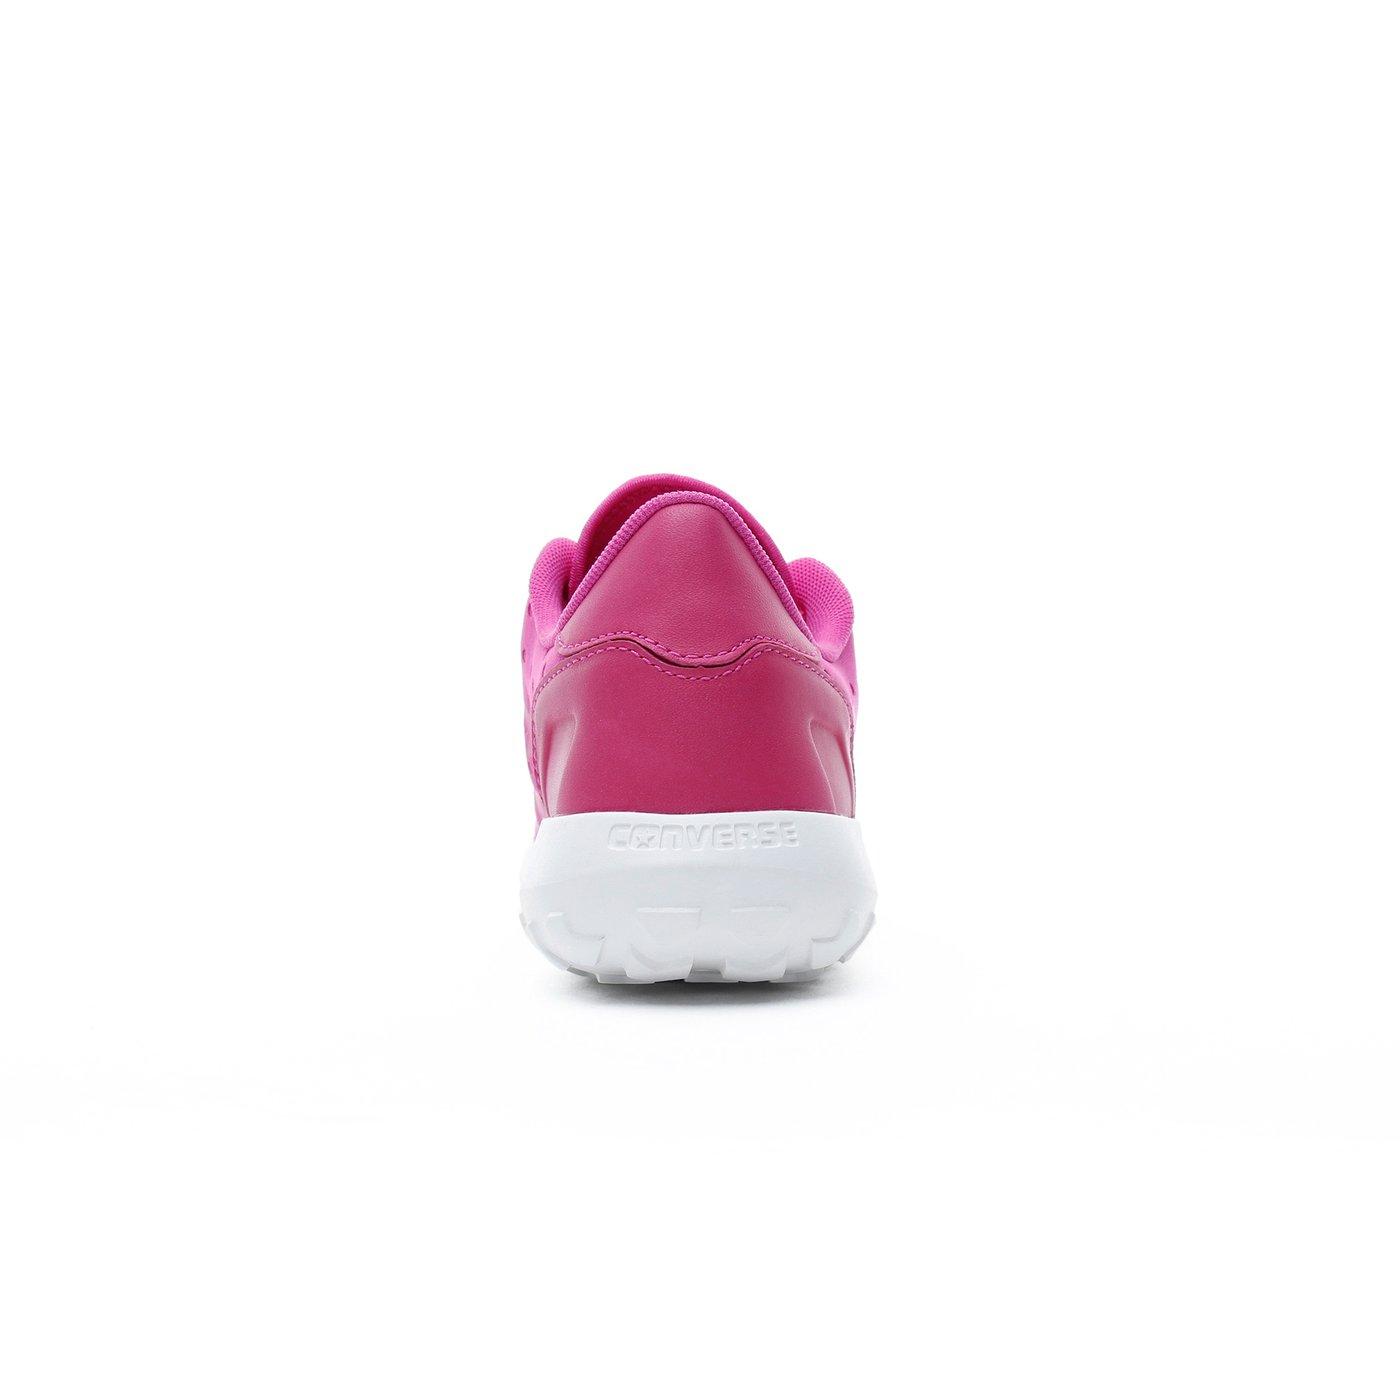 Converse Thunderbolt Ultra Kadın Pembe Spor Ayakkabı